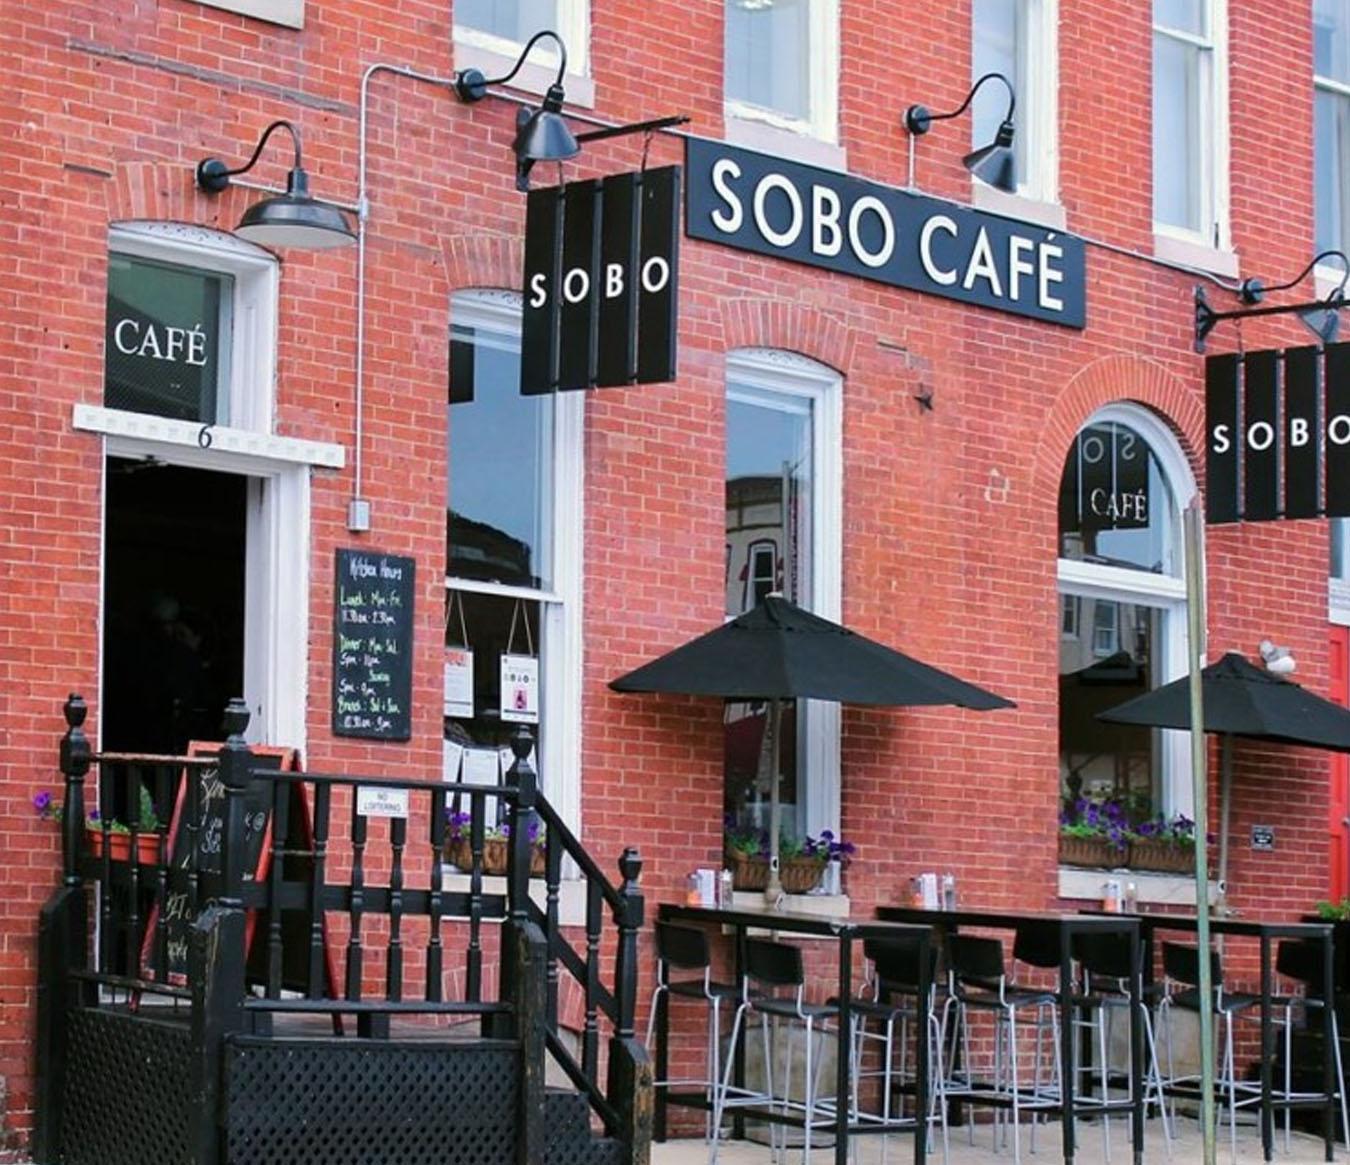 Where To Eat In Atlanta - Sobo Cafe